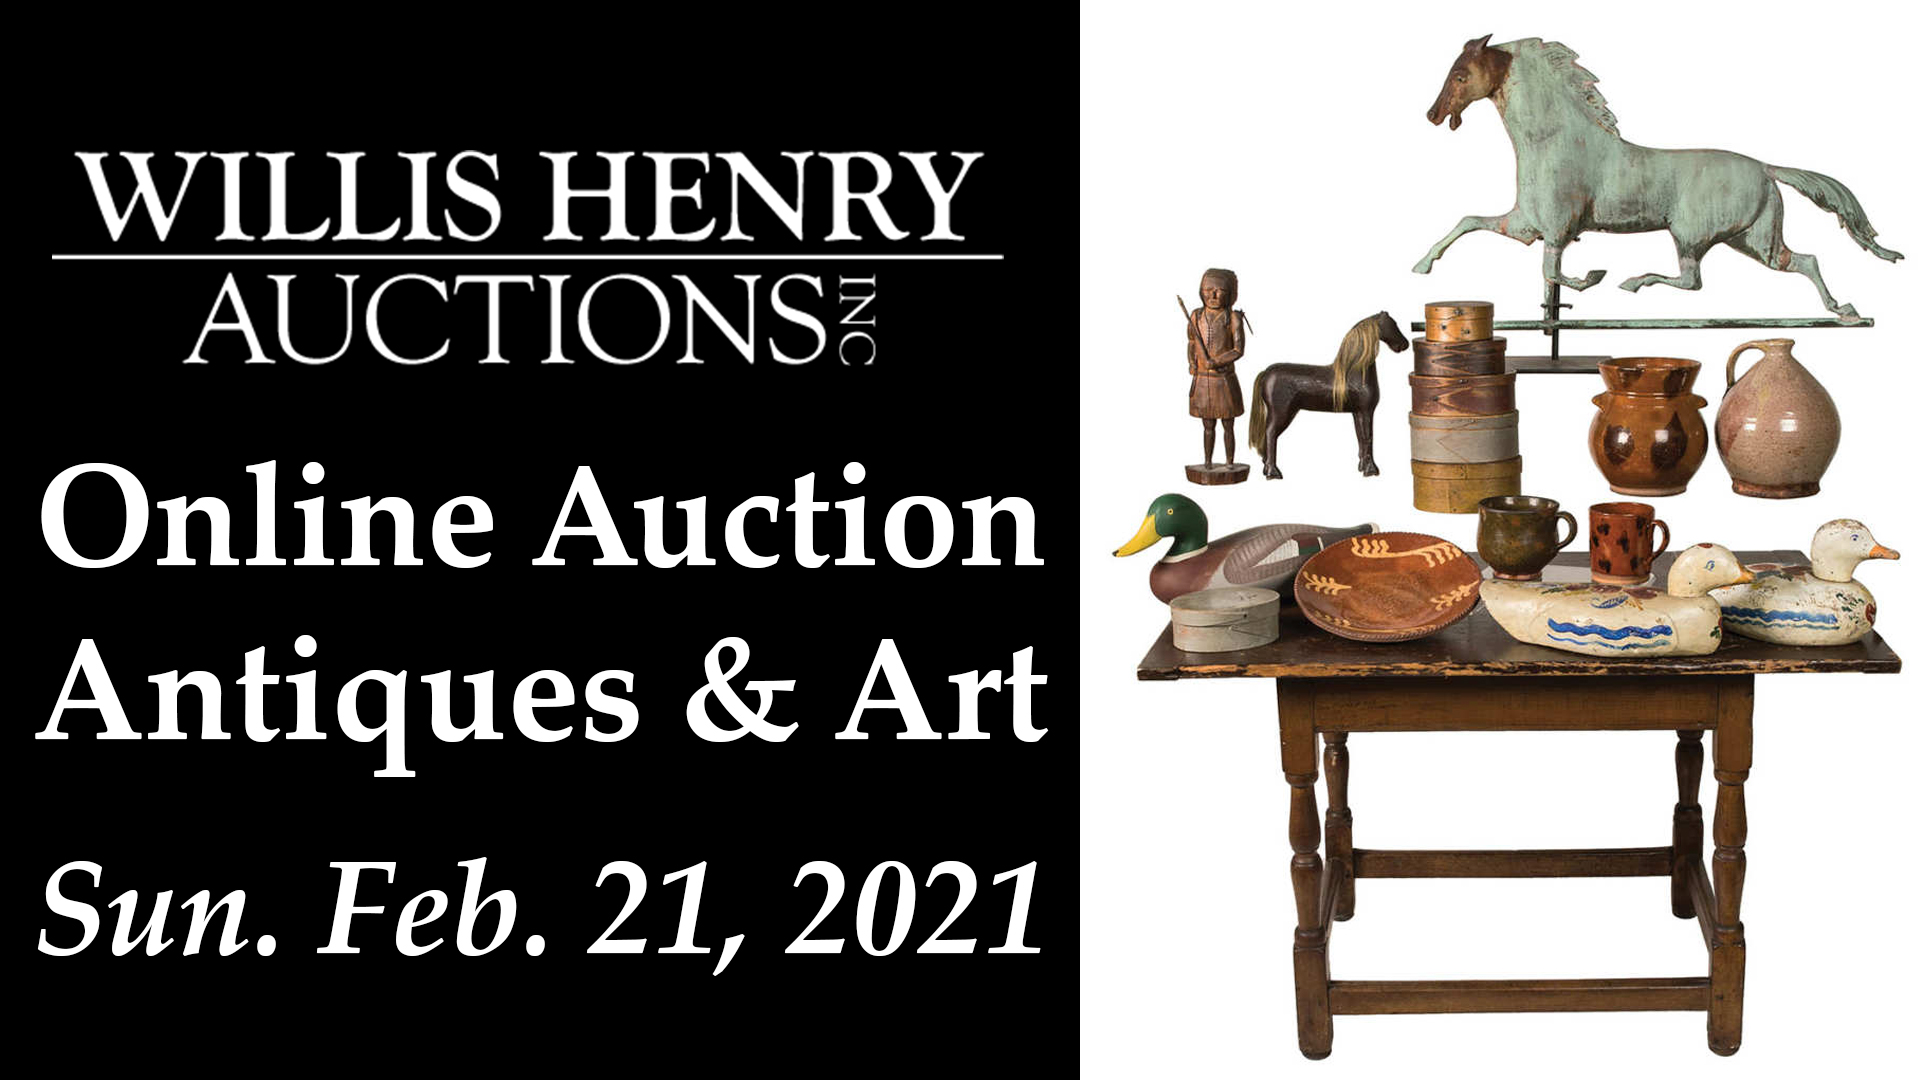 Online Estate Antiques & Art Auction - Sunday Feb. 21, 2021